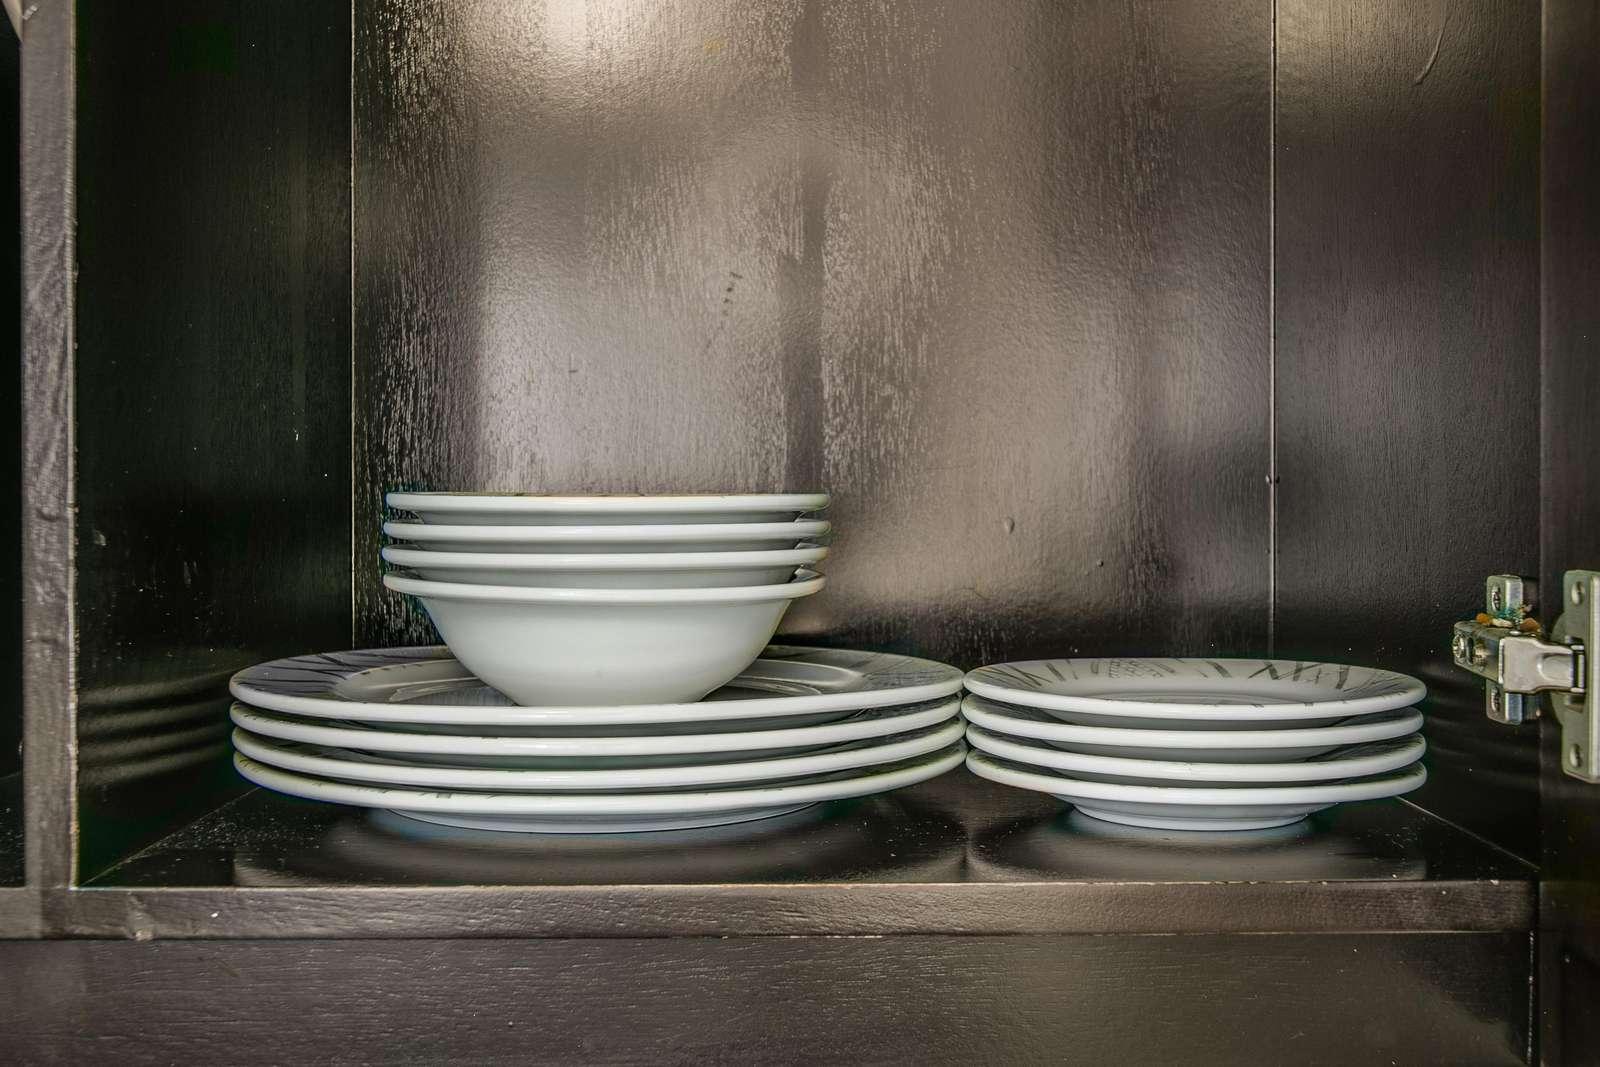 Plenty of Dishes